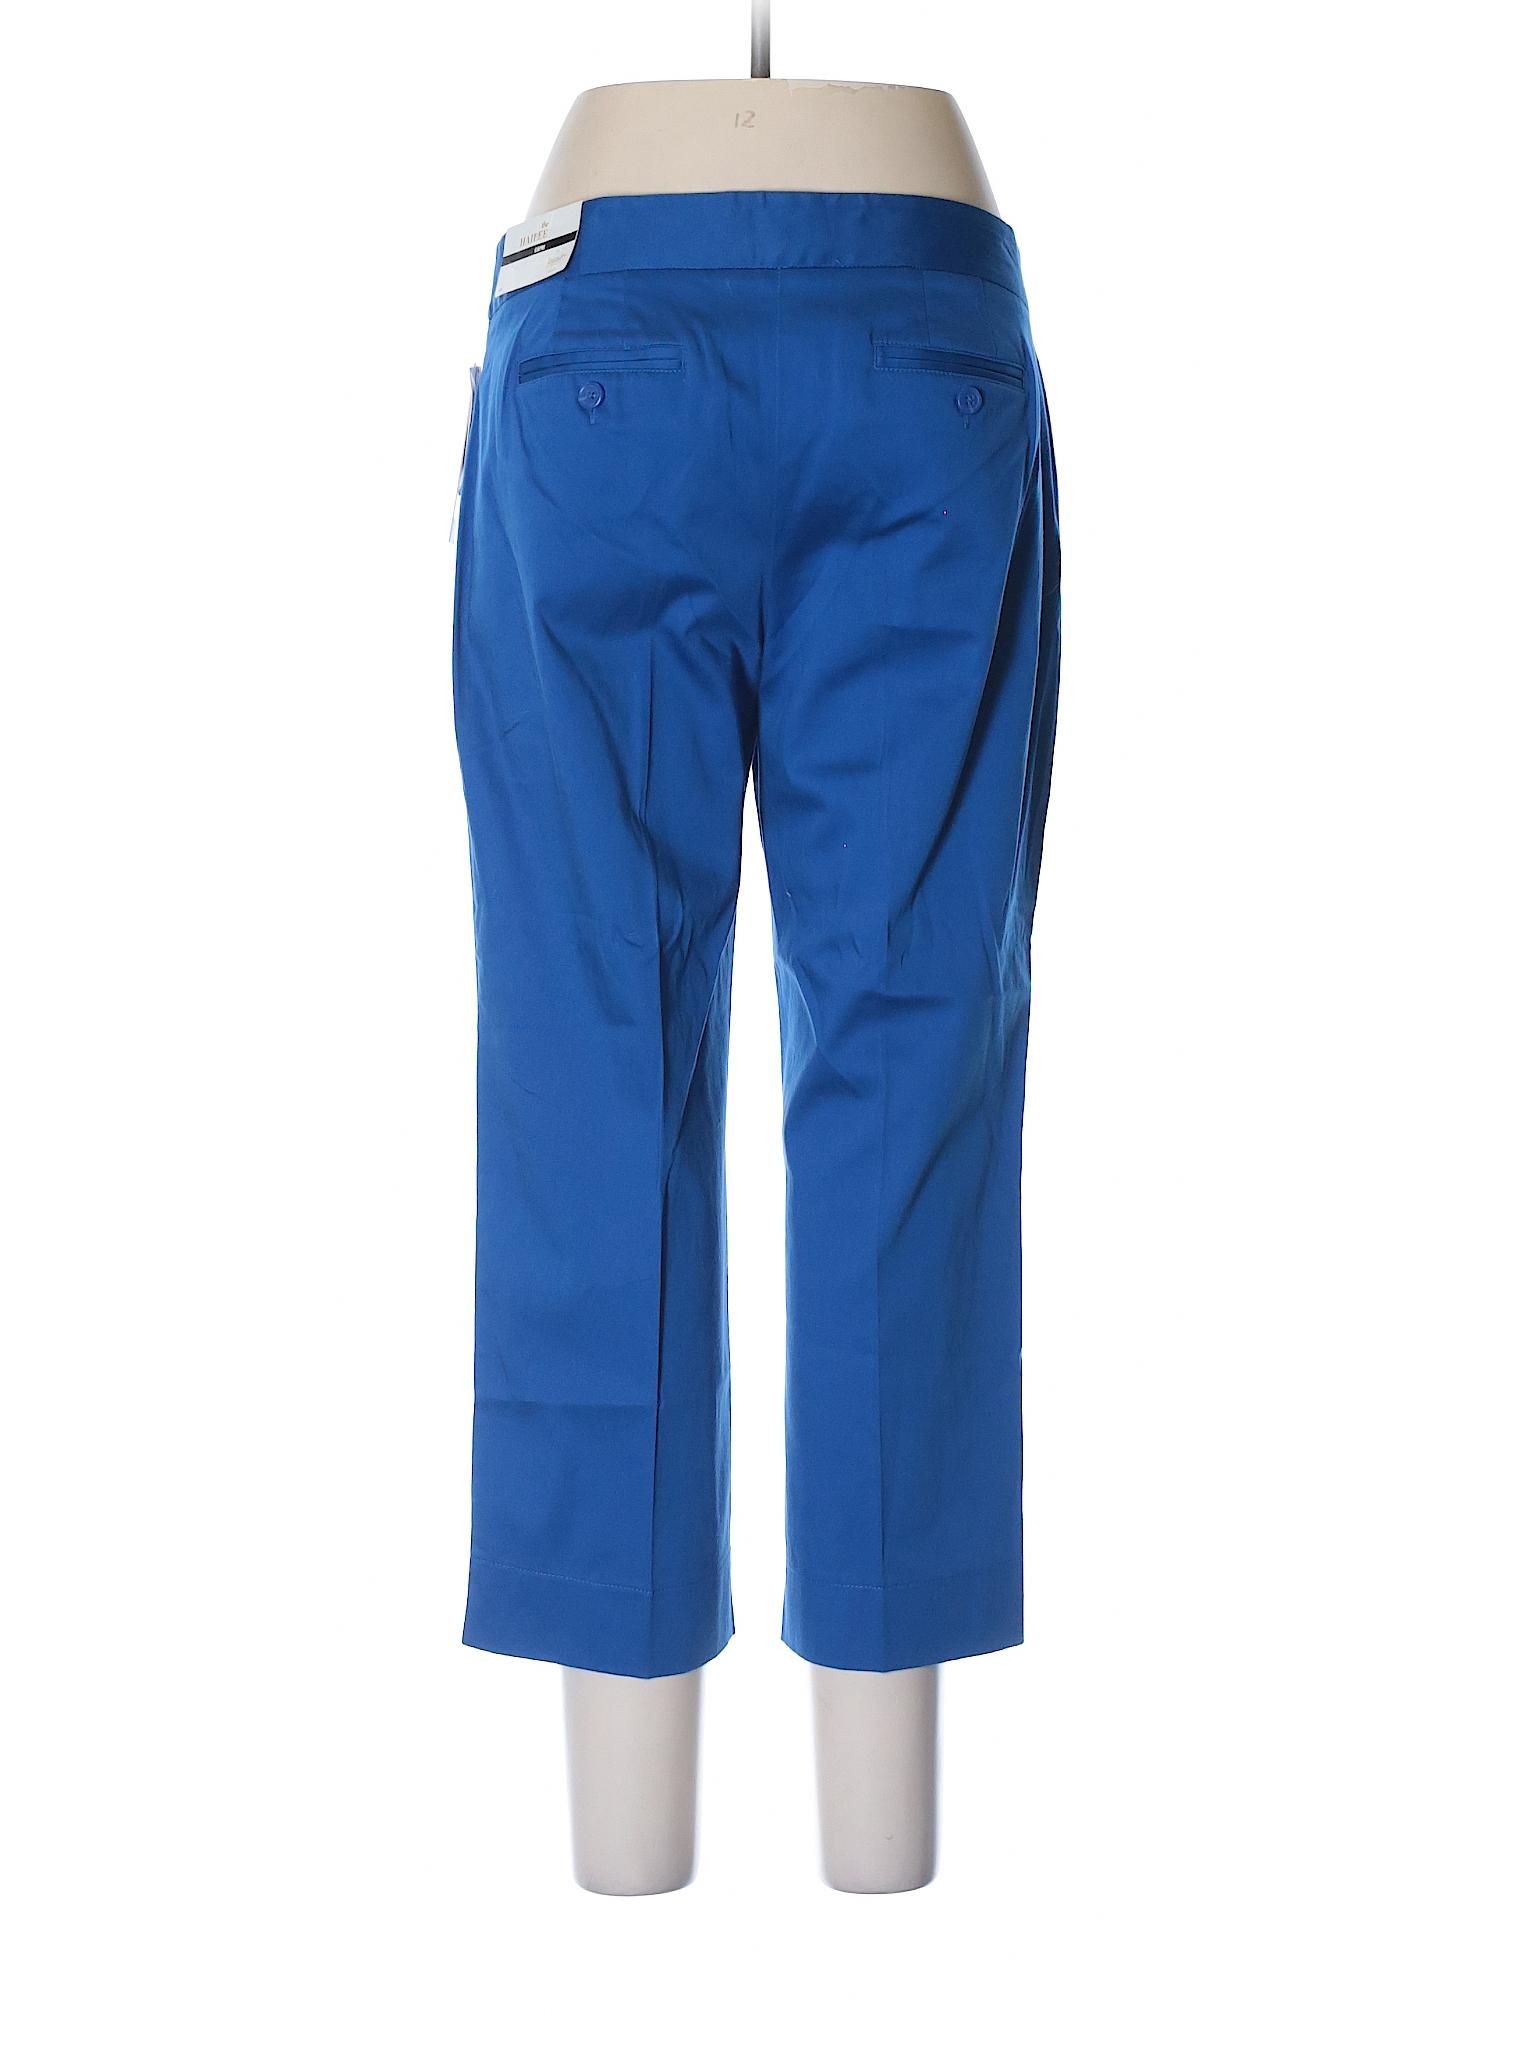 Shelli Dress Laundry Pants Segal Boutique by leisure q8czzZO